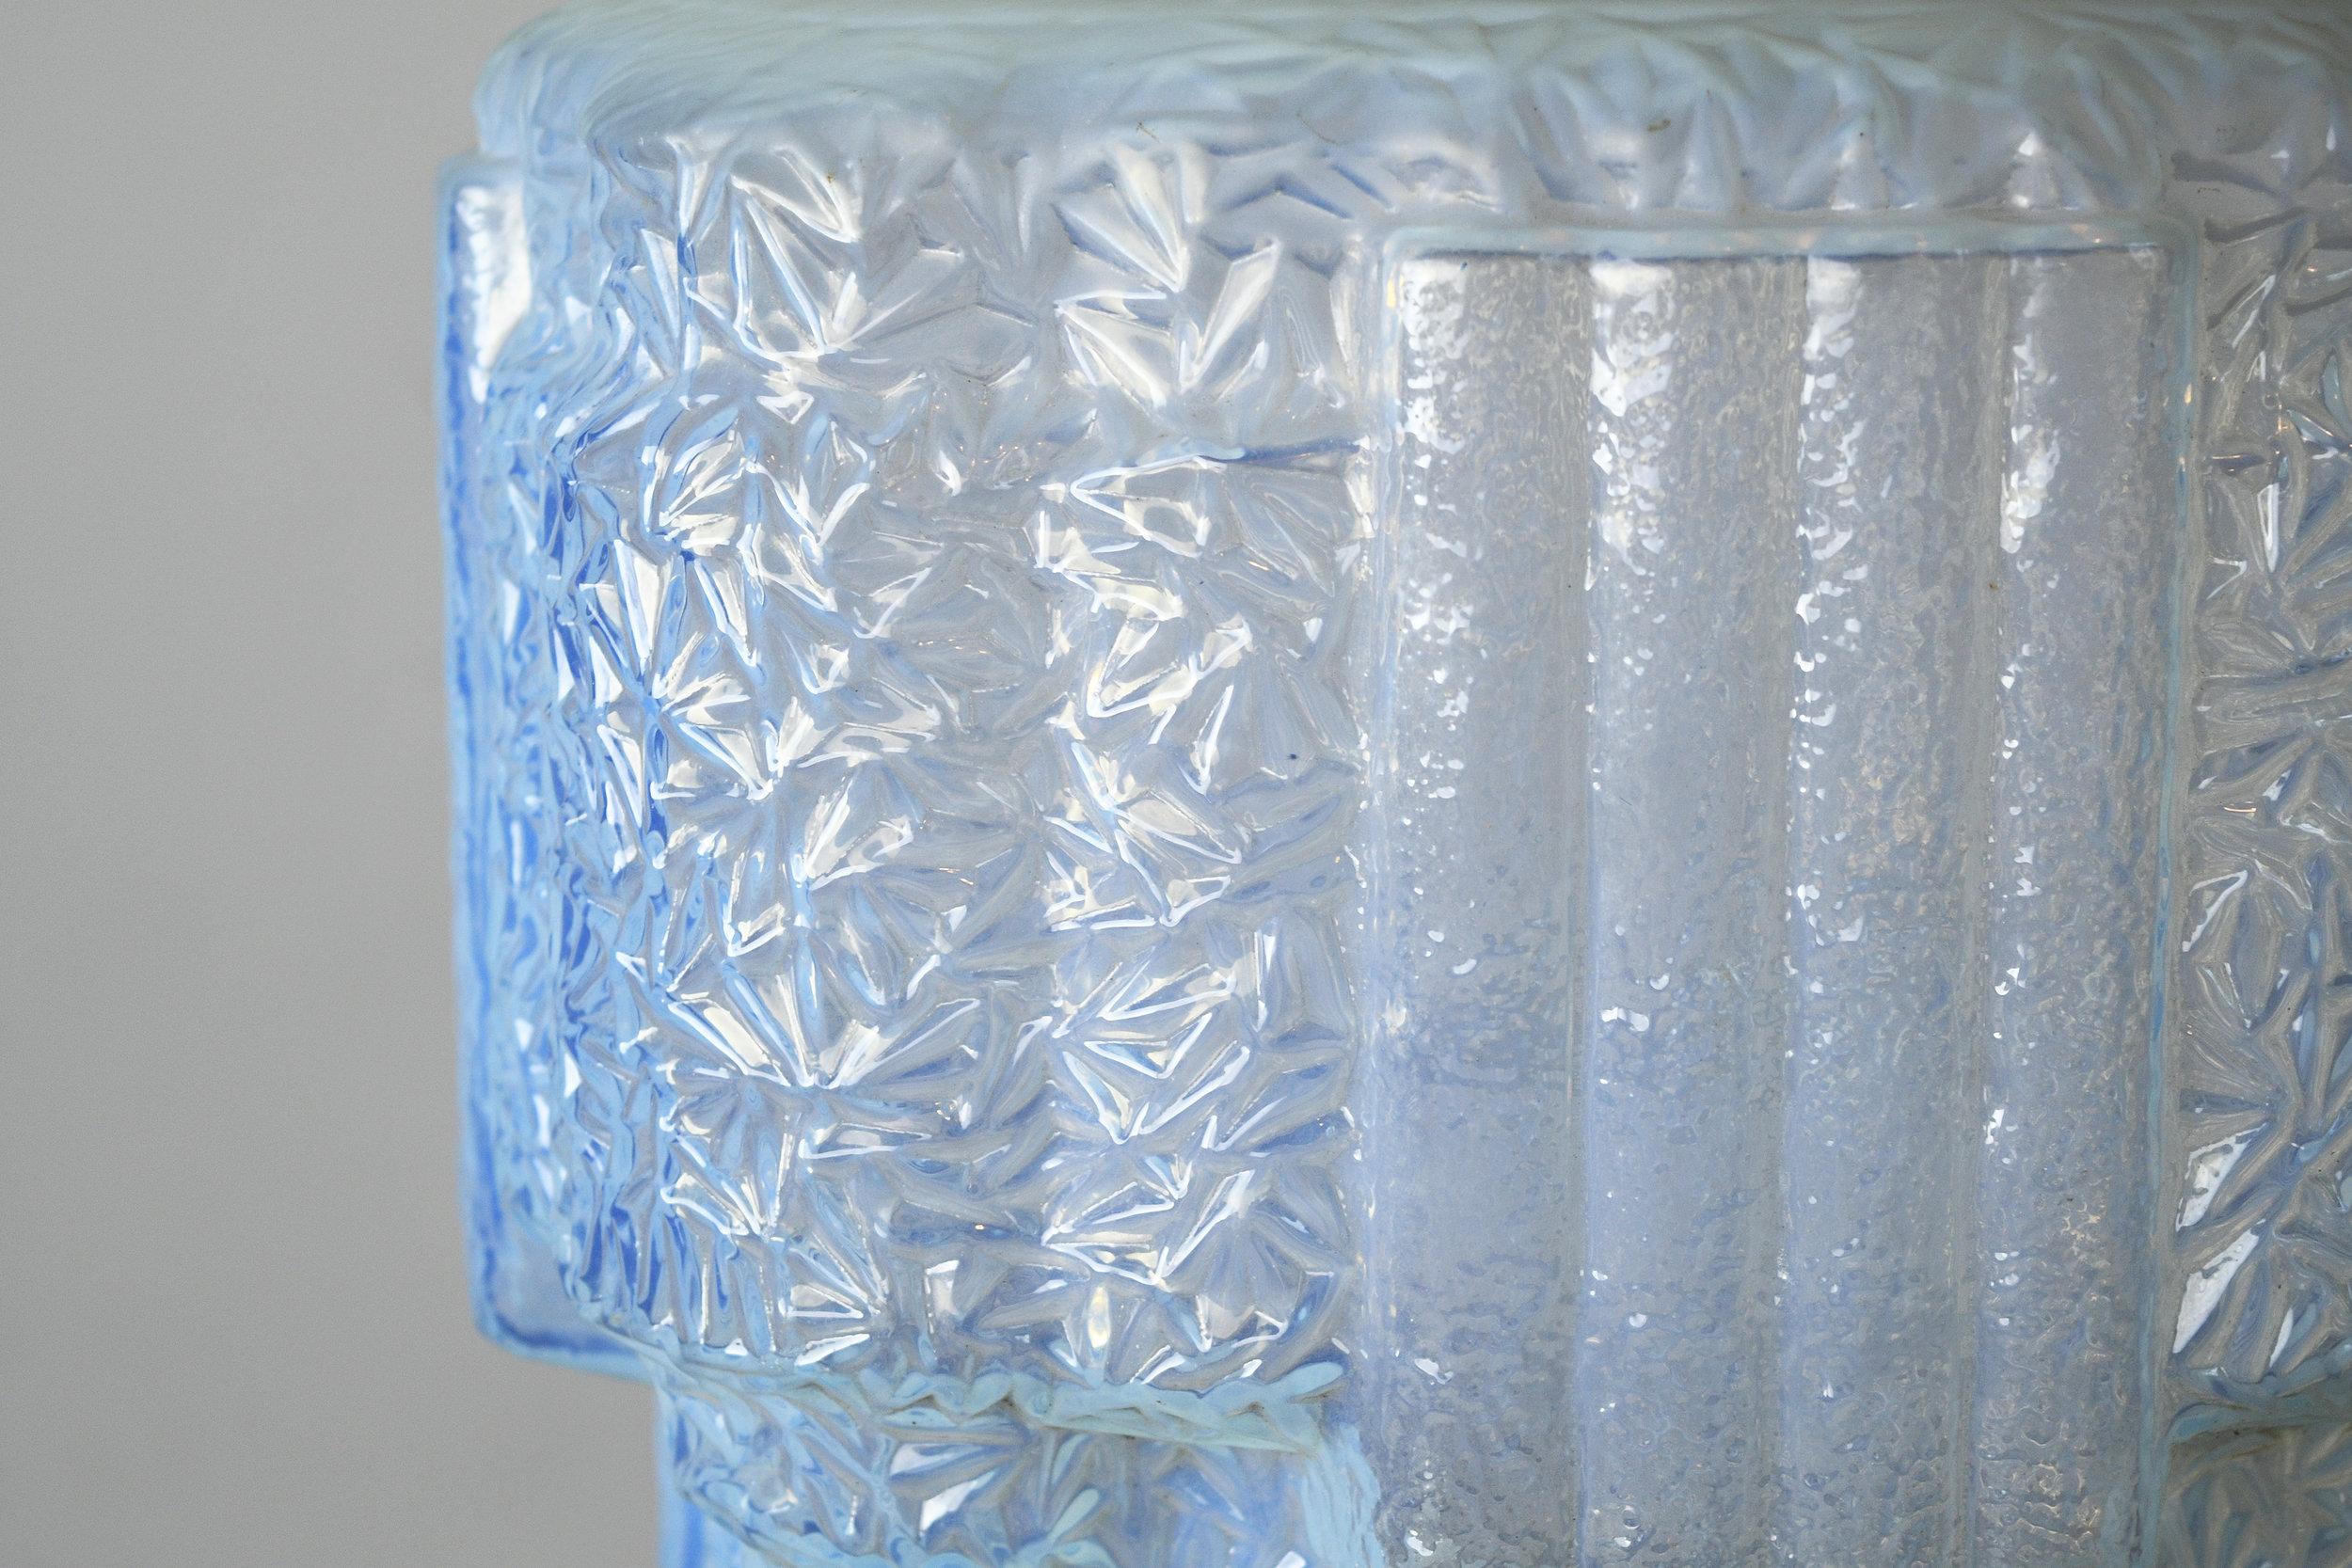 47691-blue-vaseline-glass-art-deco-13.jpg